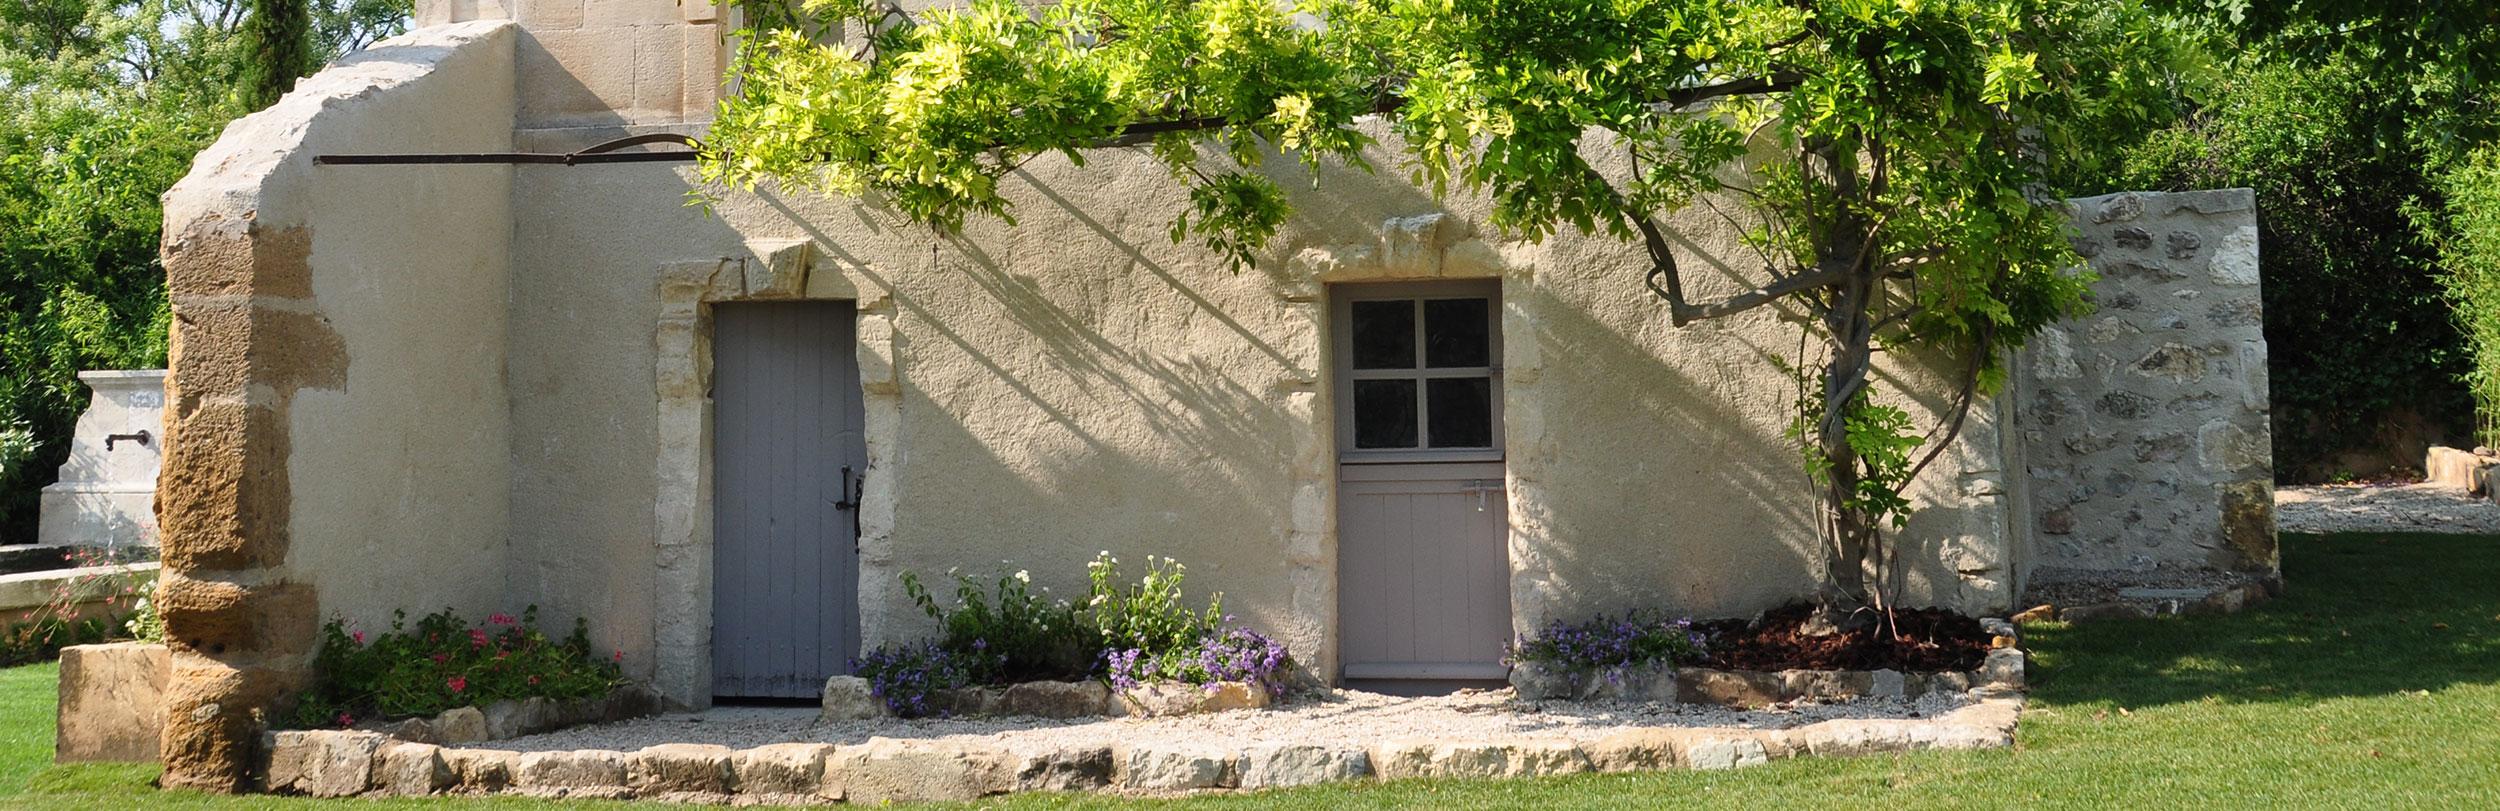 Rénovation immobilier , restauration de biens anciens en habitats confortables